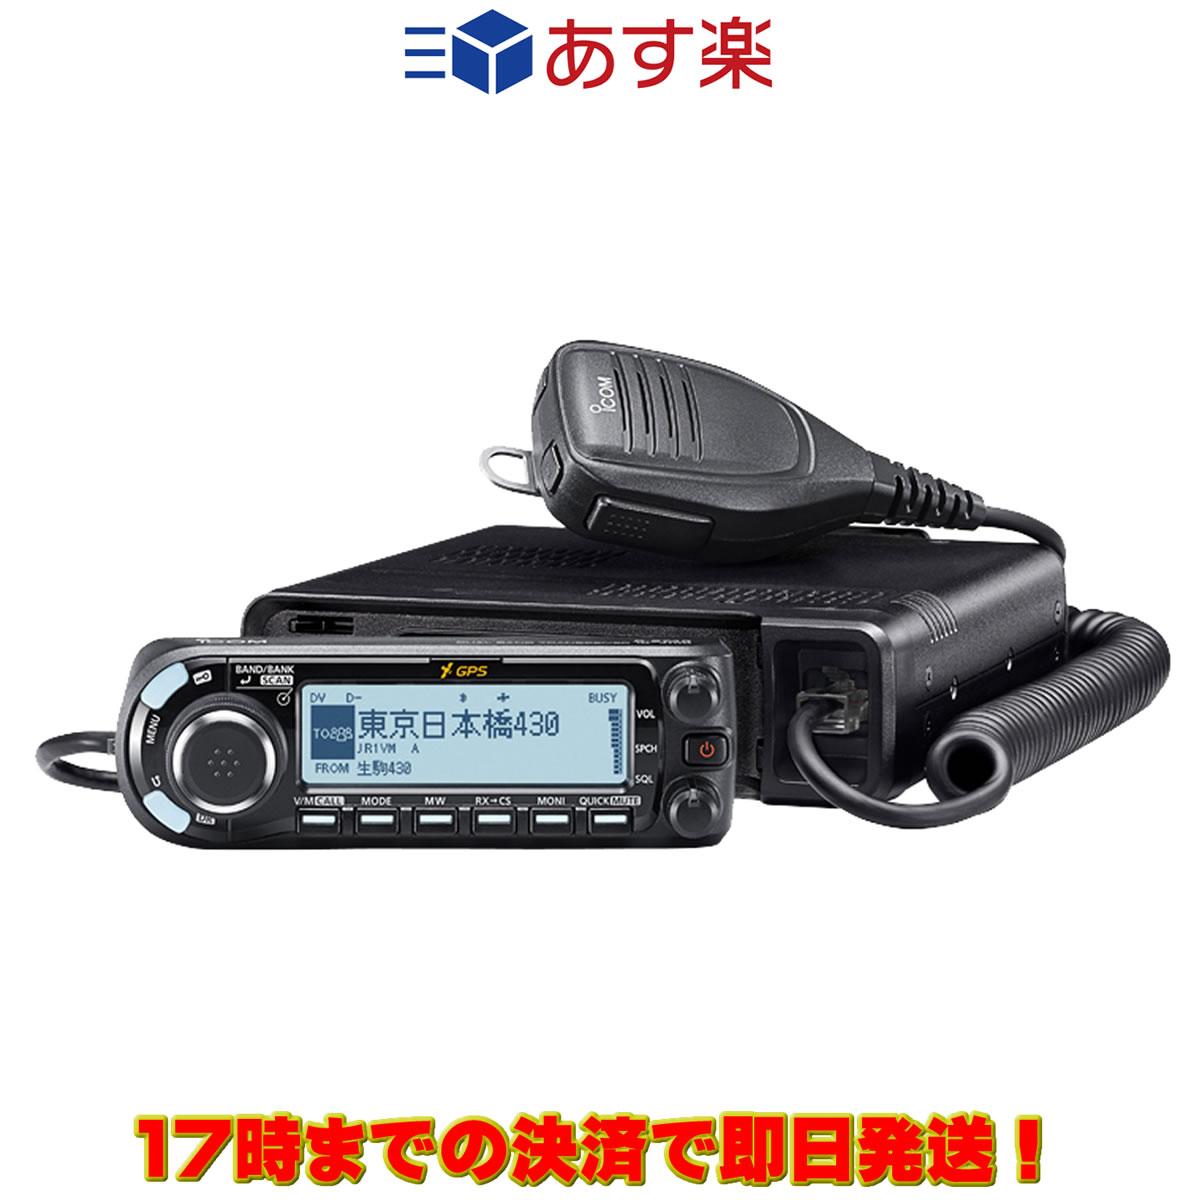 【ラッキーシール対応】 ID-4100D アイコム 144/430MHz デュオバンド デジタル50Wトランシーバー (GPSレシーバー内蔵)